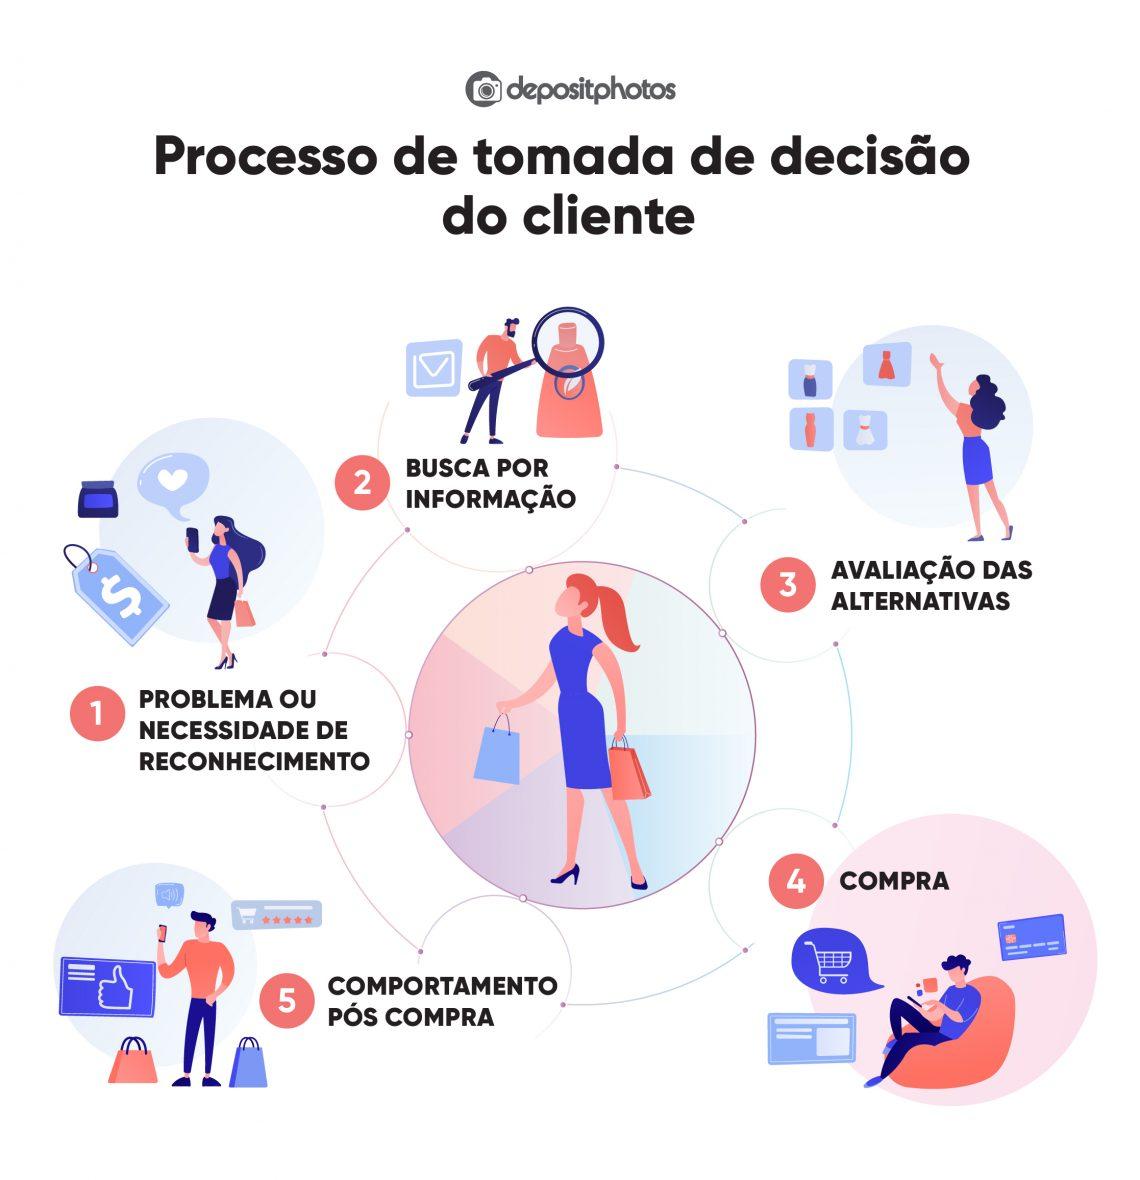 Processo de tomada de decisão do cliente